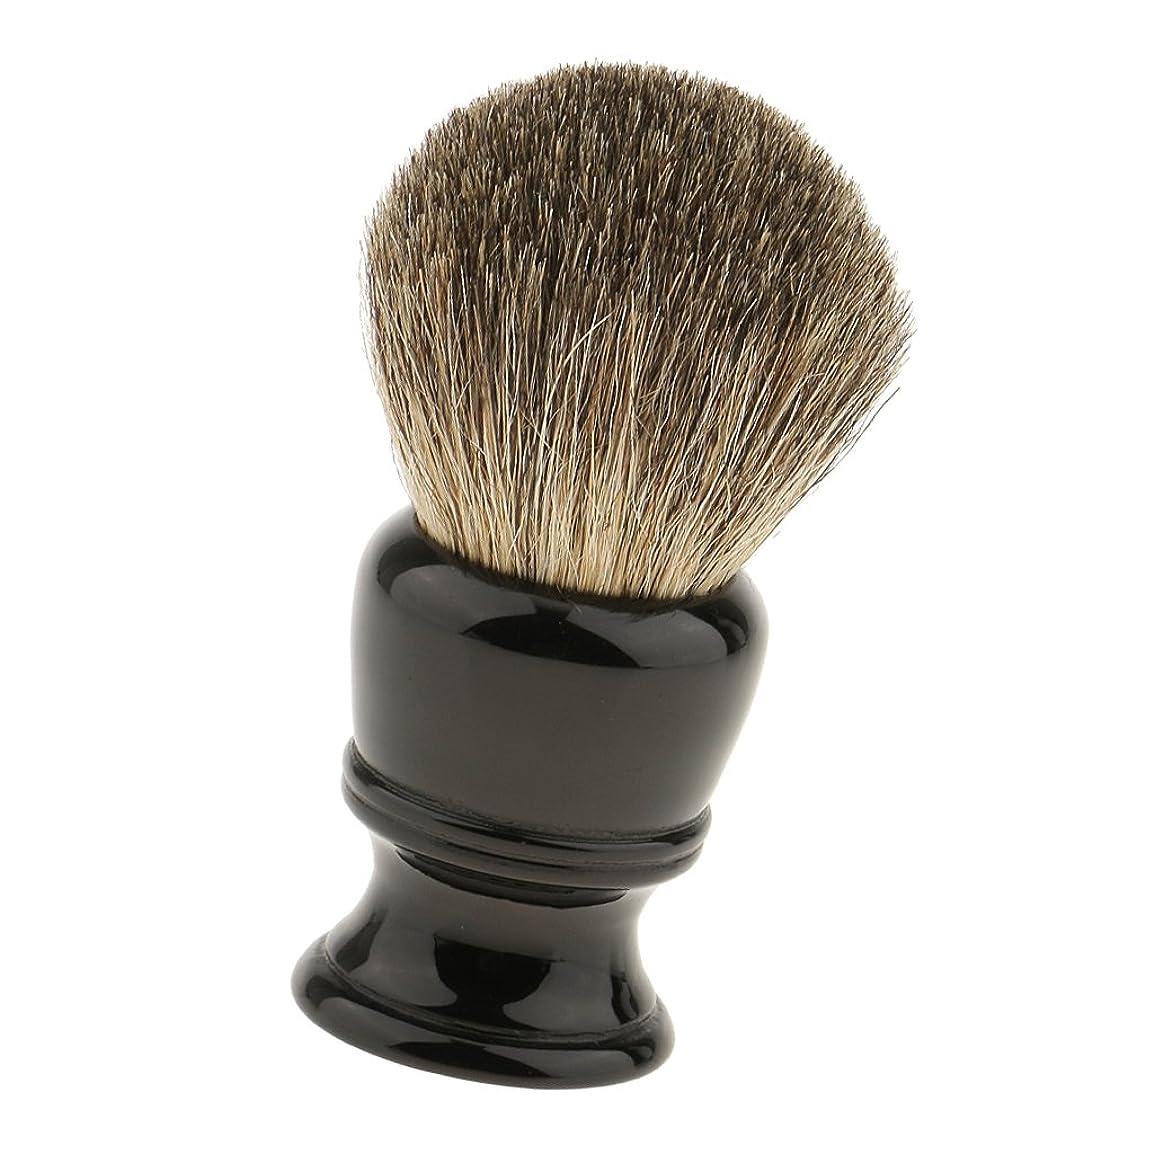 終わらせる雑品牽引dailymall 樹脂ハンドルシェービングブラシホーム理容サロンツール旅行ポータブルキットの男性のひげ剃り